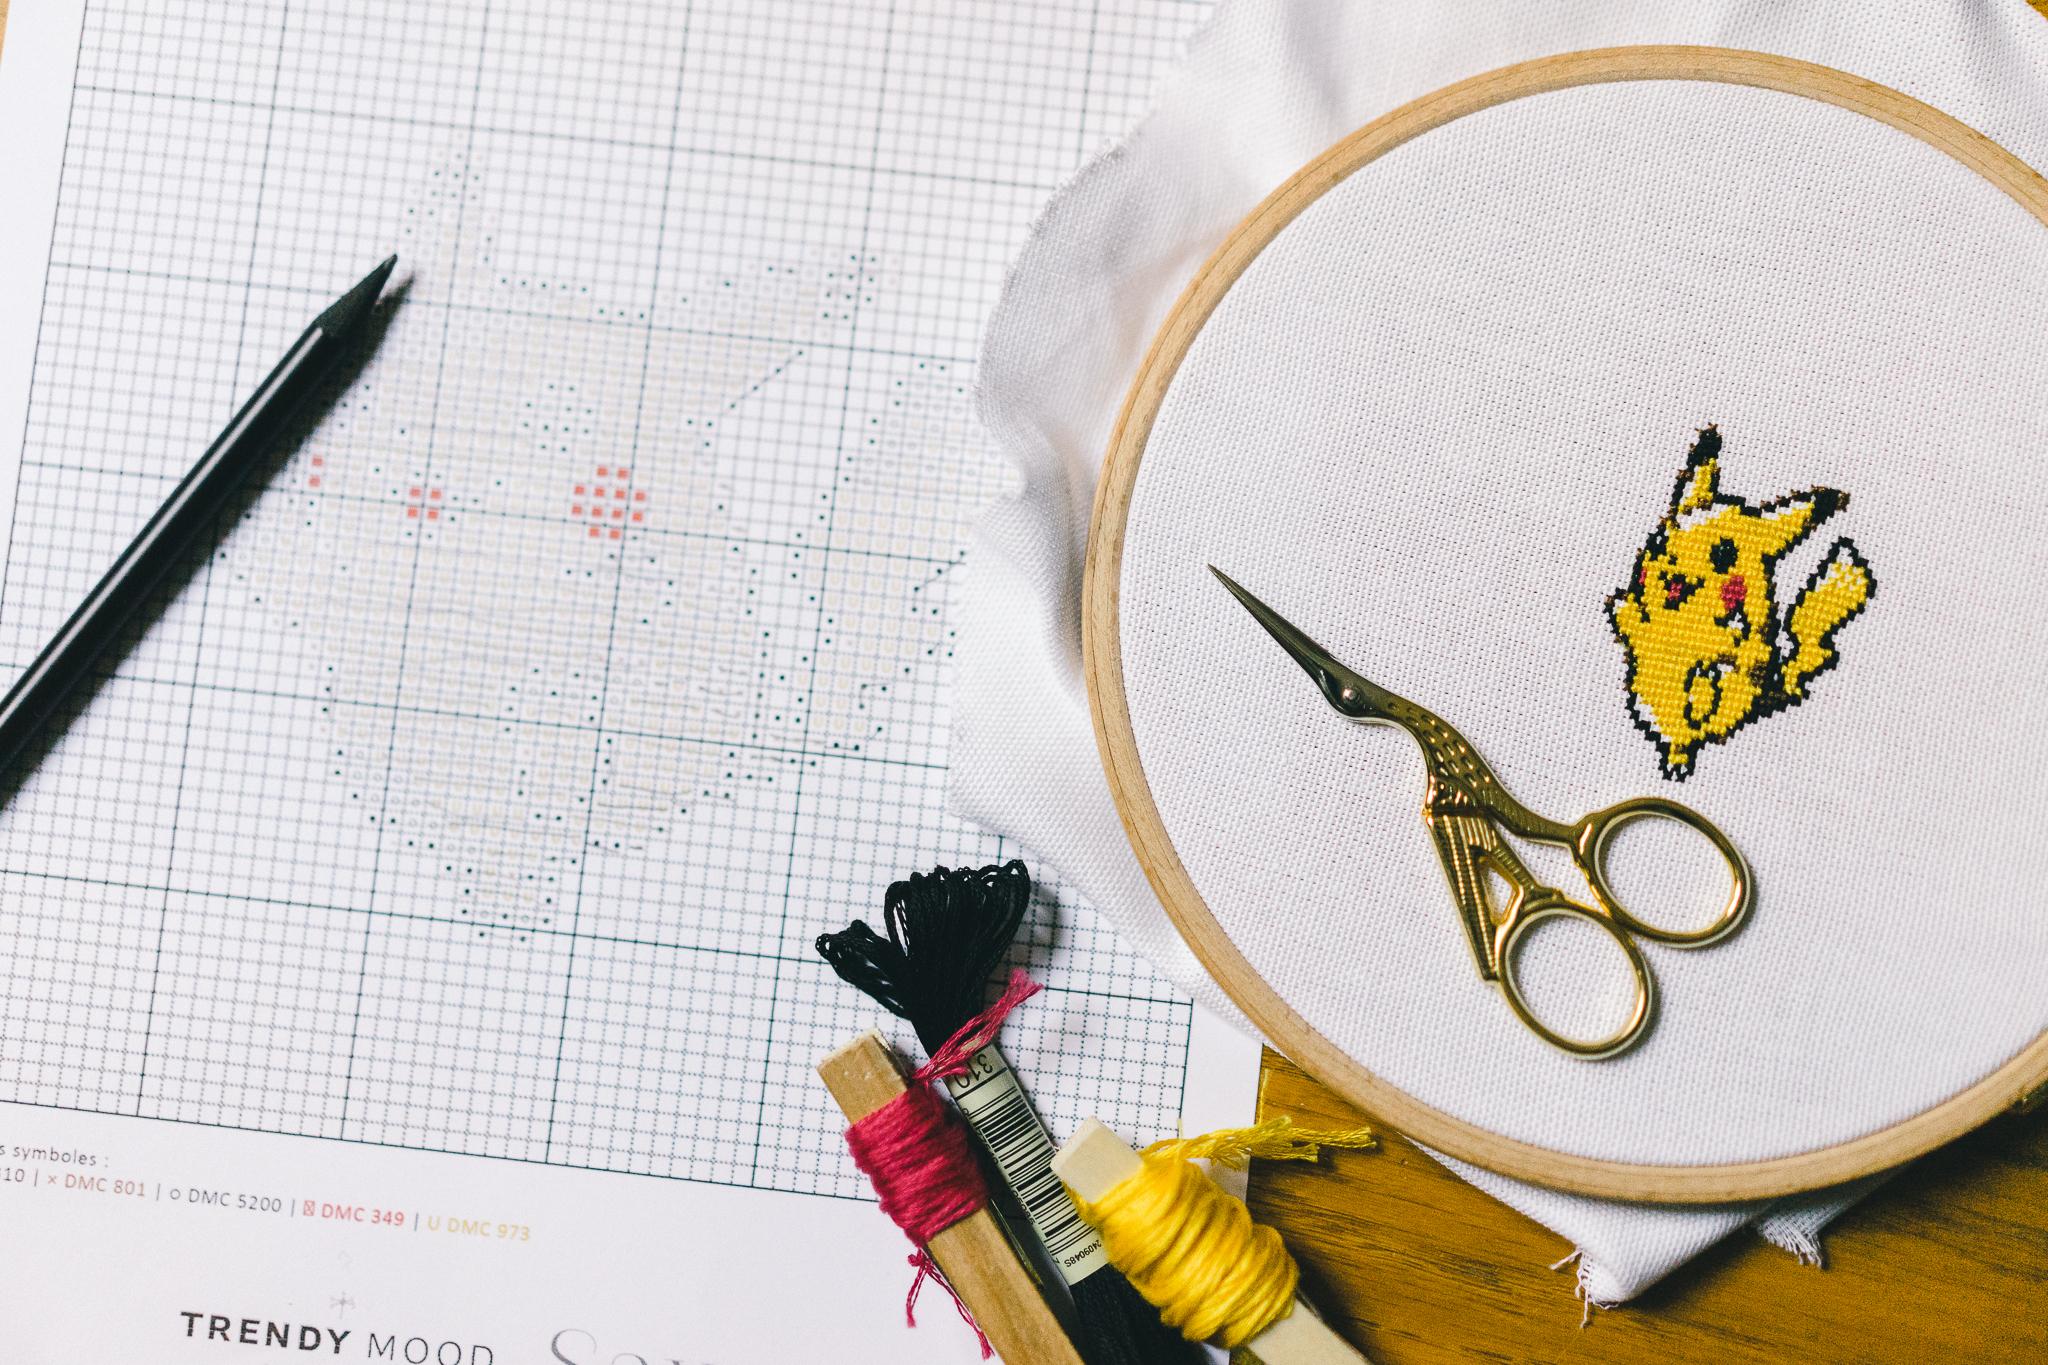 Pikachu au point de croix grille gratuite trendy mood - Broderie traditionnelle grille gratuite ...